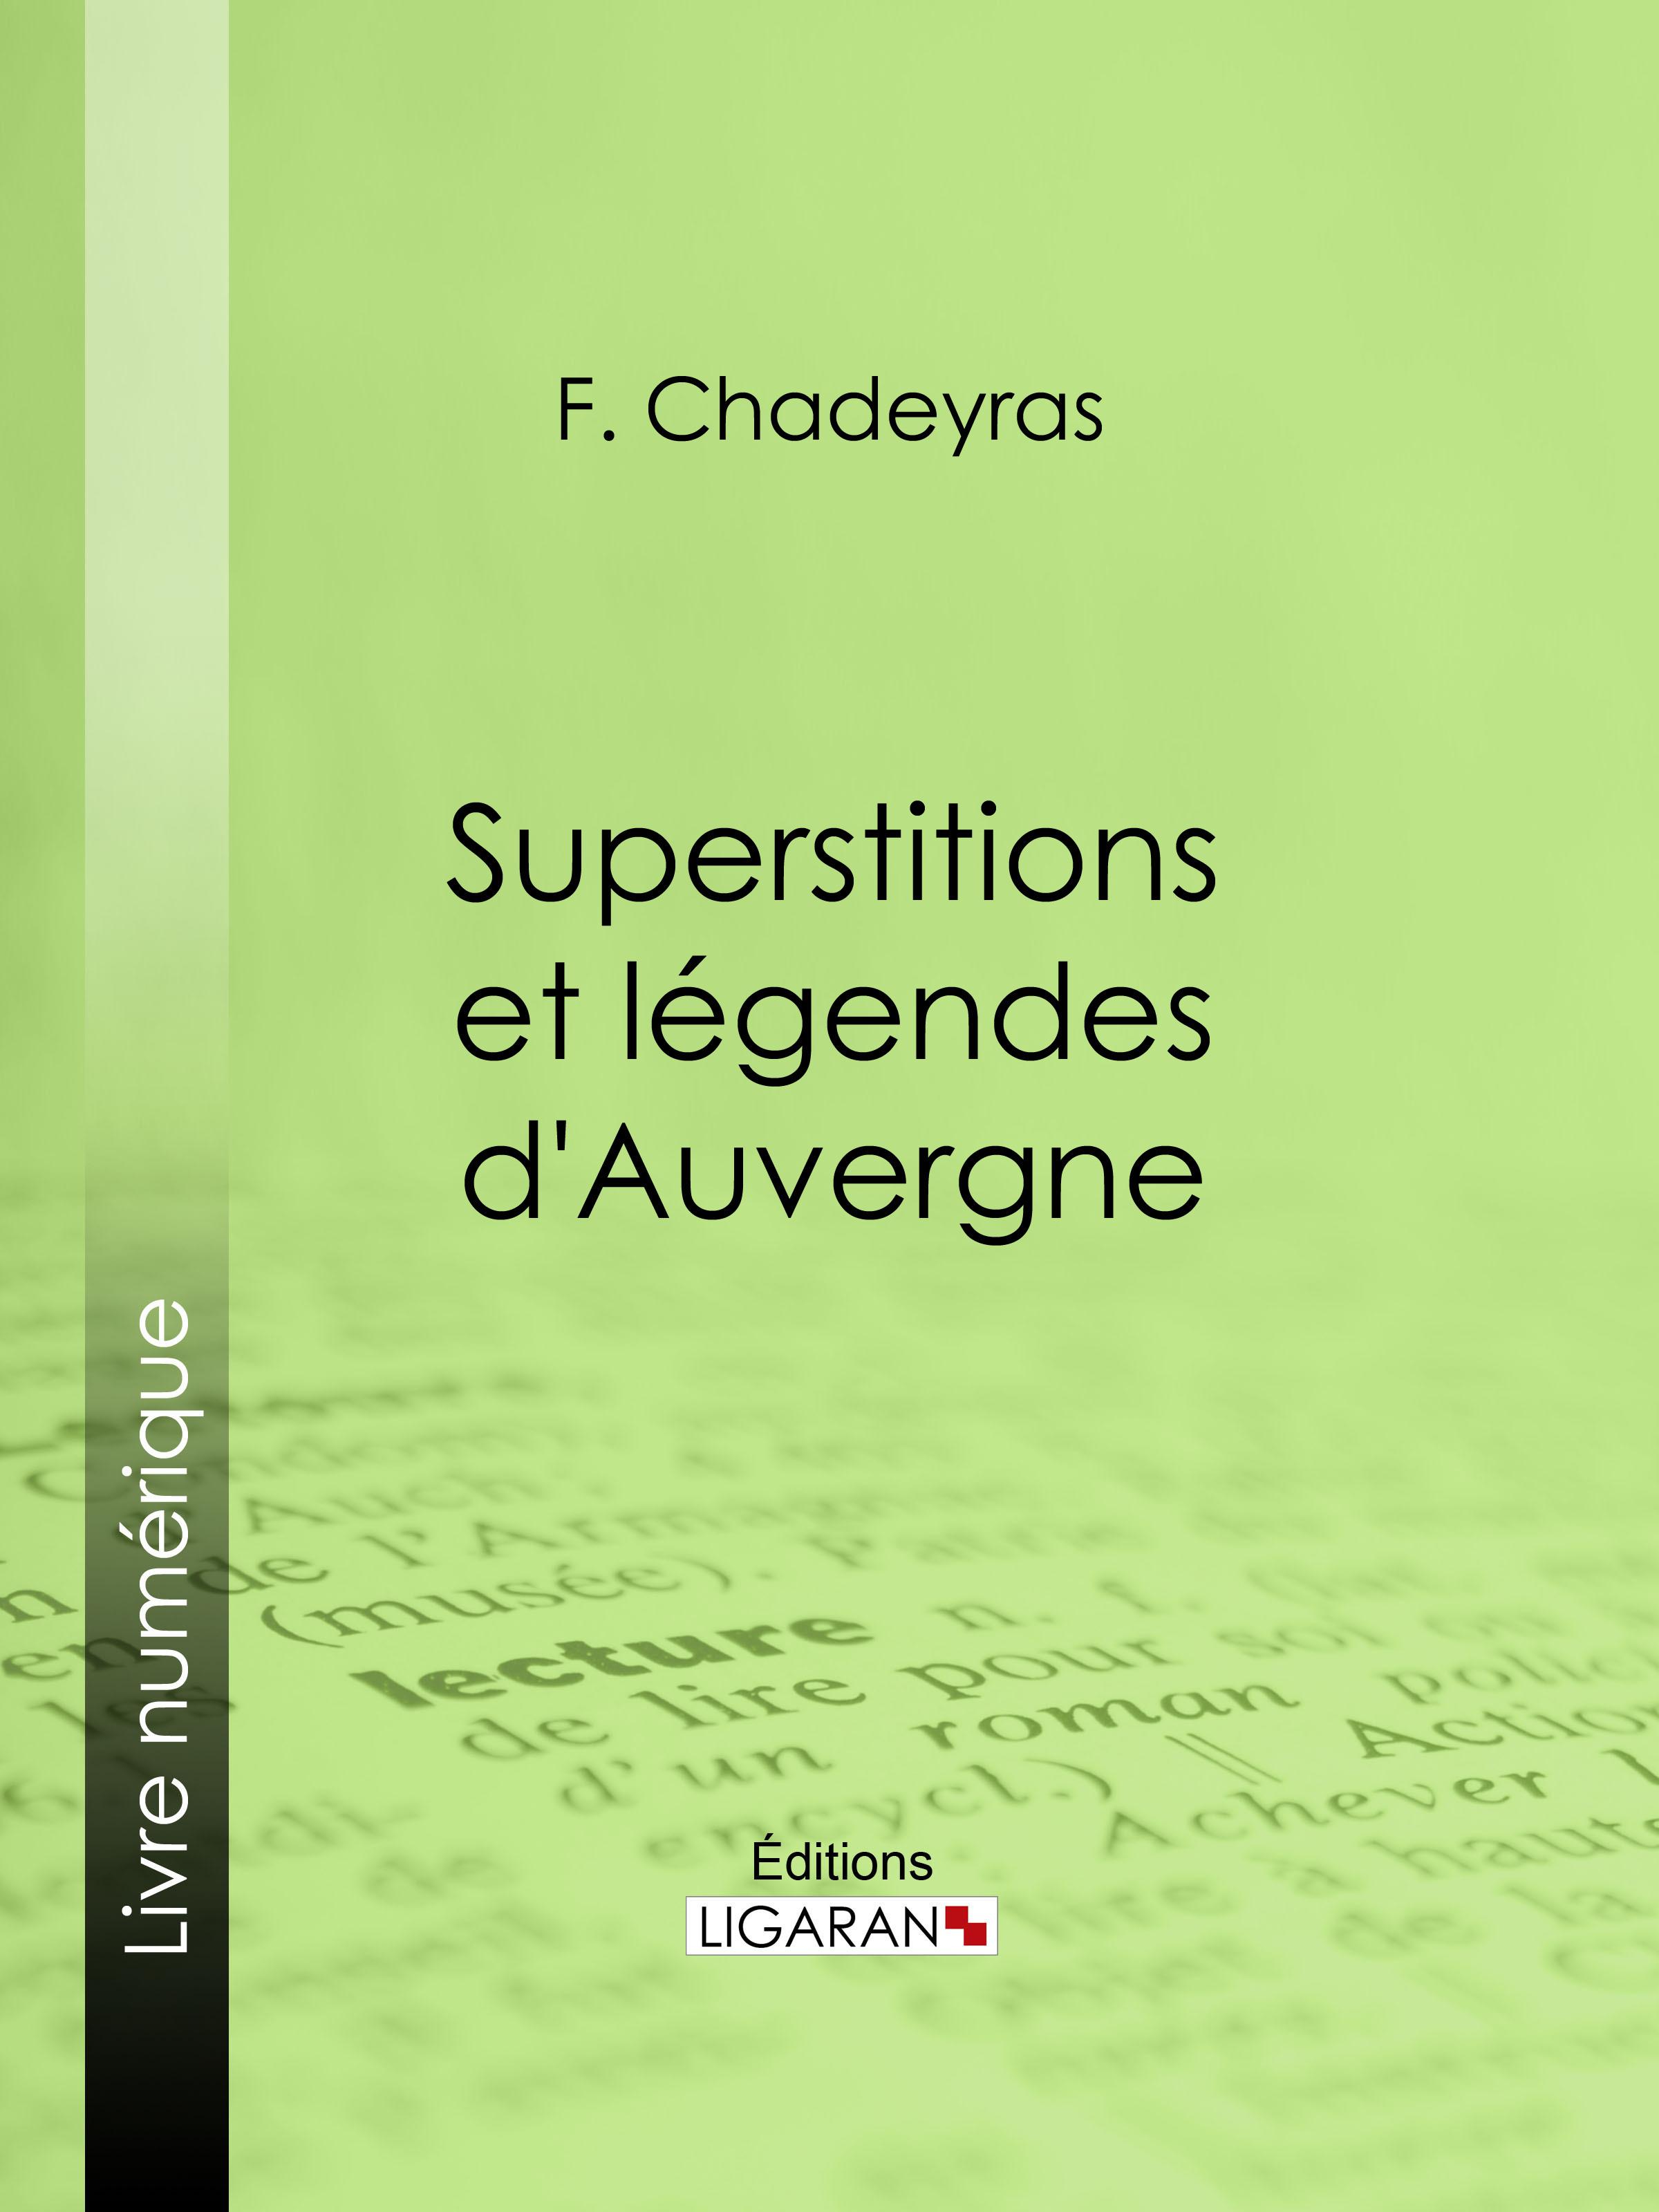 Superstitions et légendes d'Auvergne